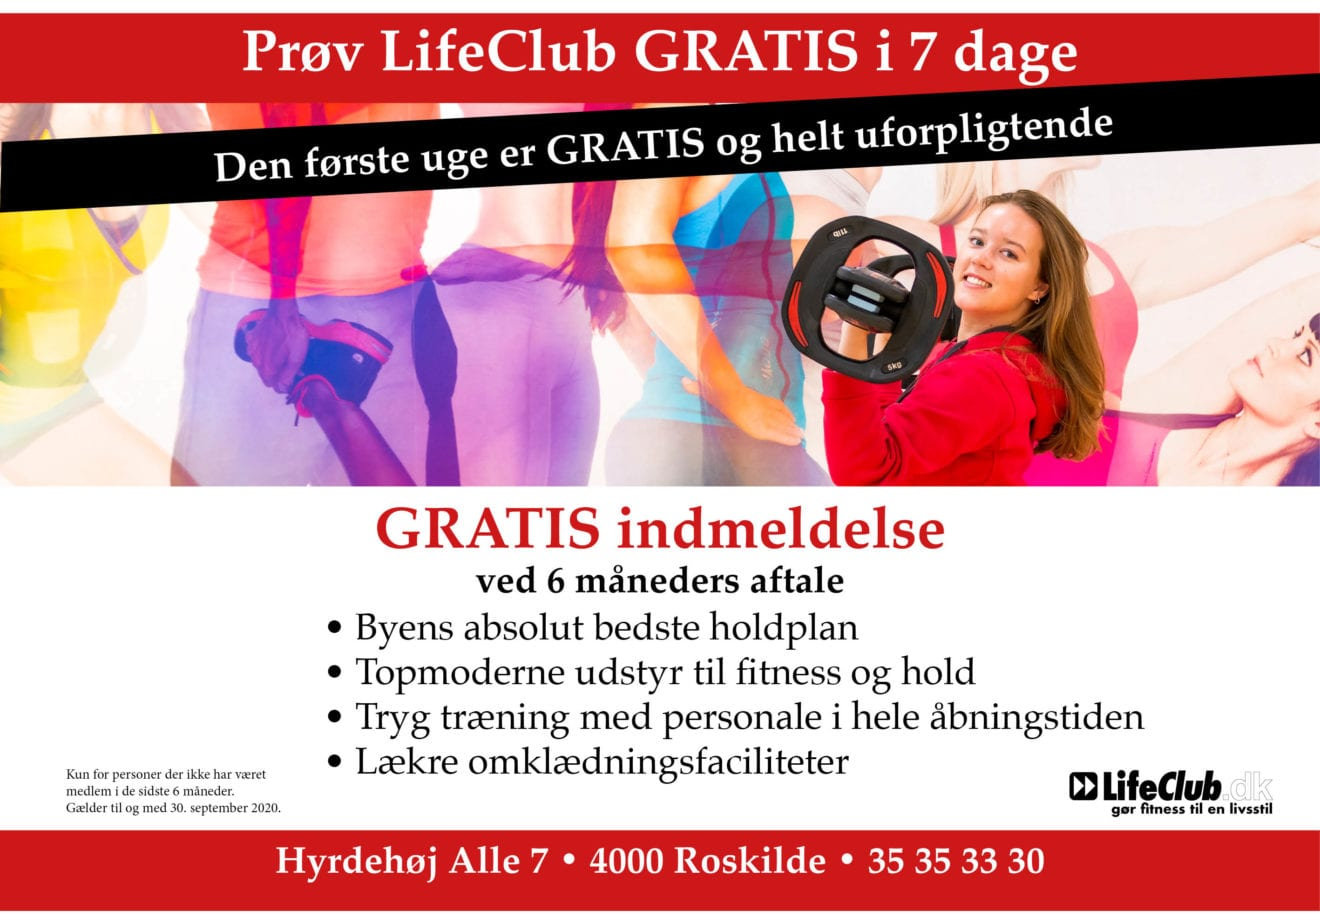 1 uges gratis træning i LifeClub